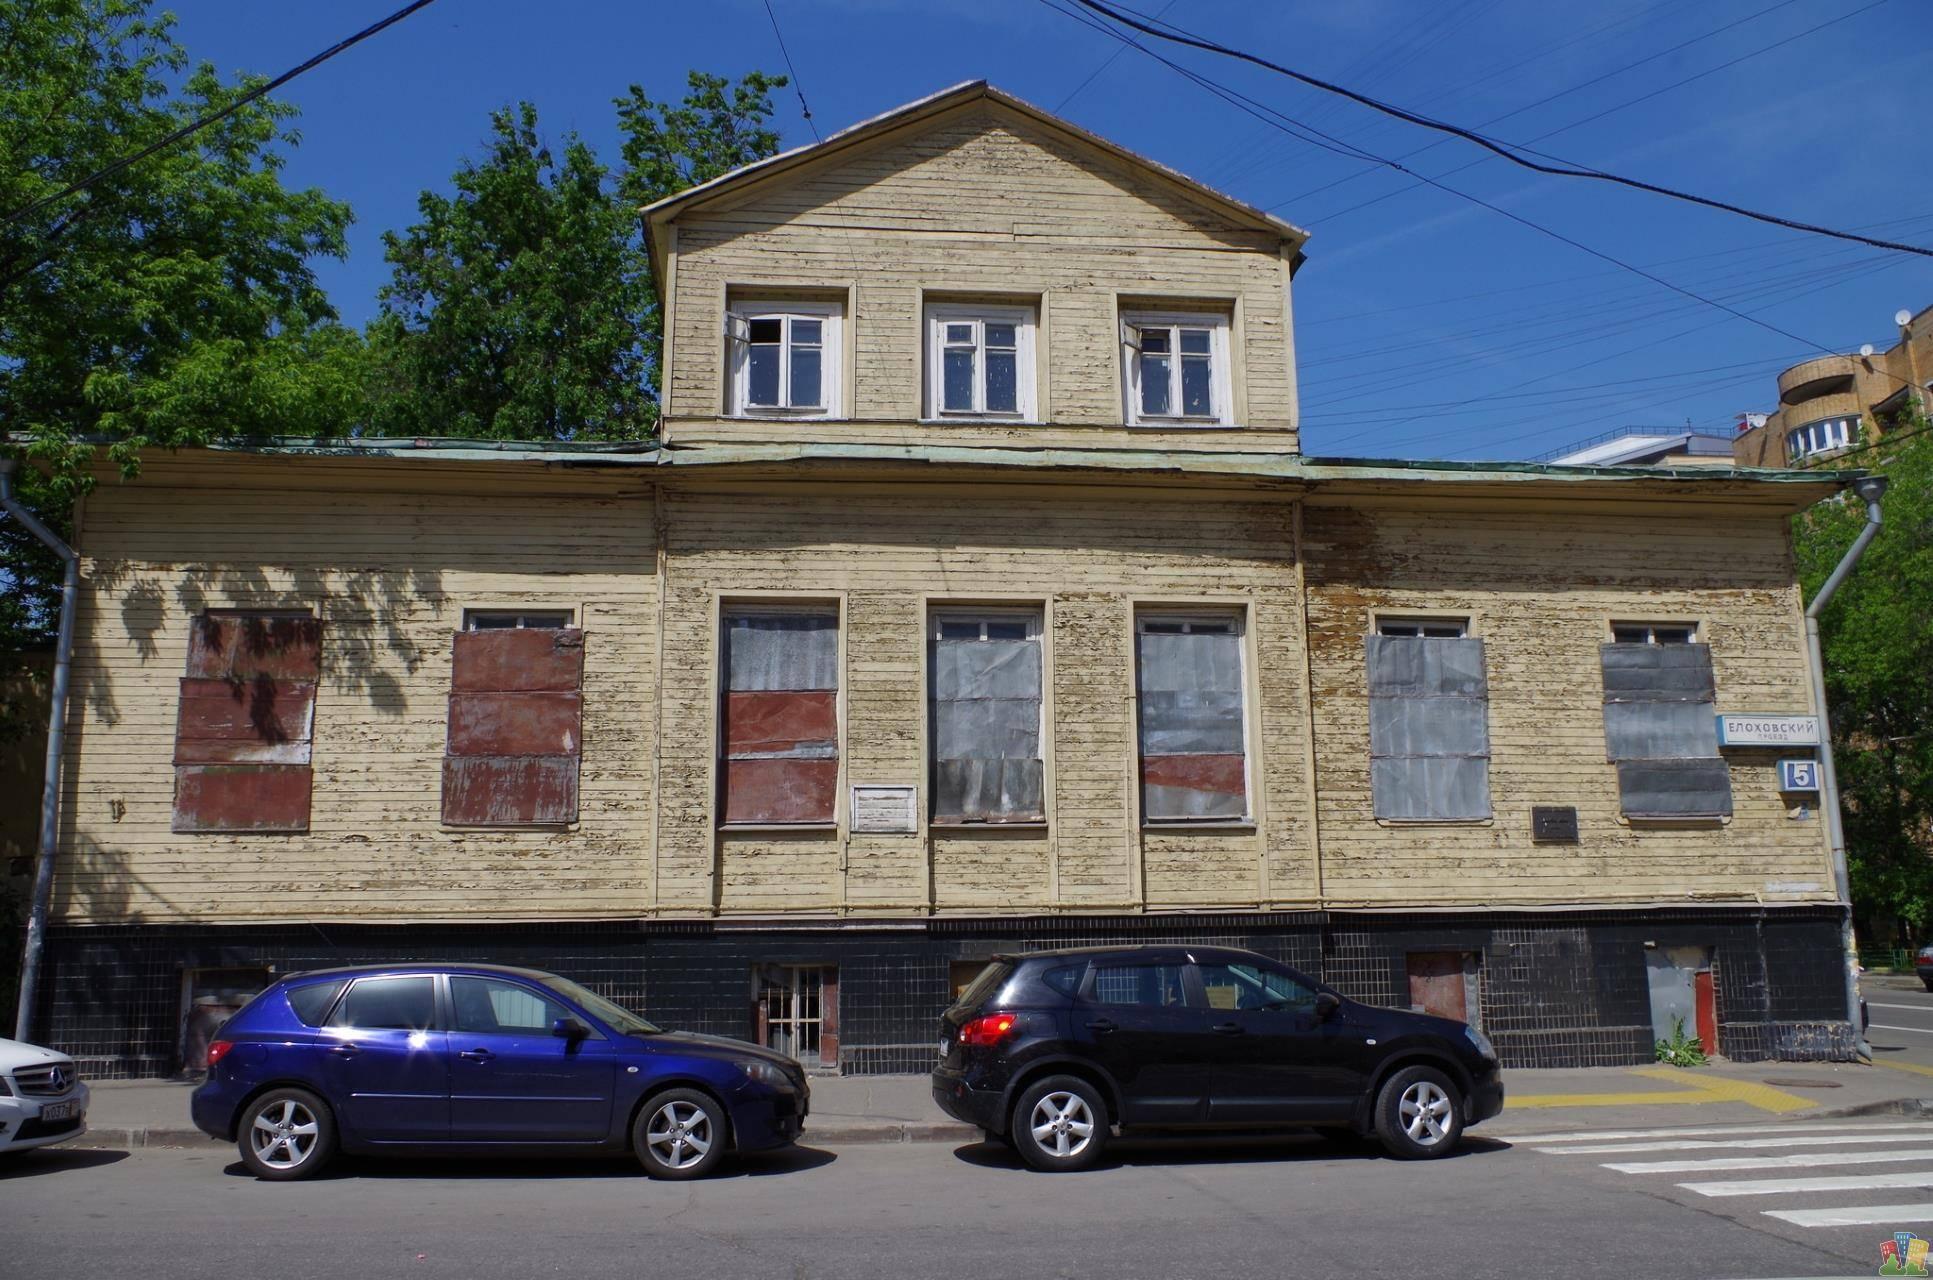 На Елоховском переулке началась реставрация образца деревянной допожарной архитектуры Москвы